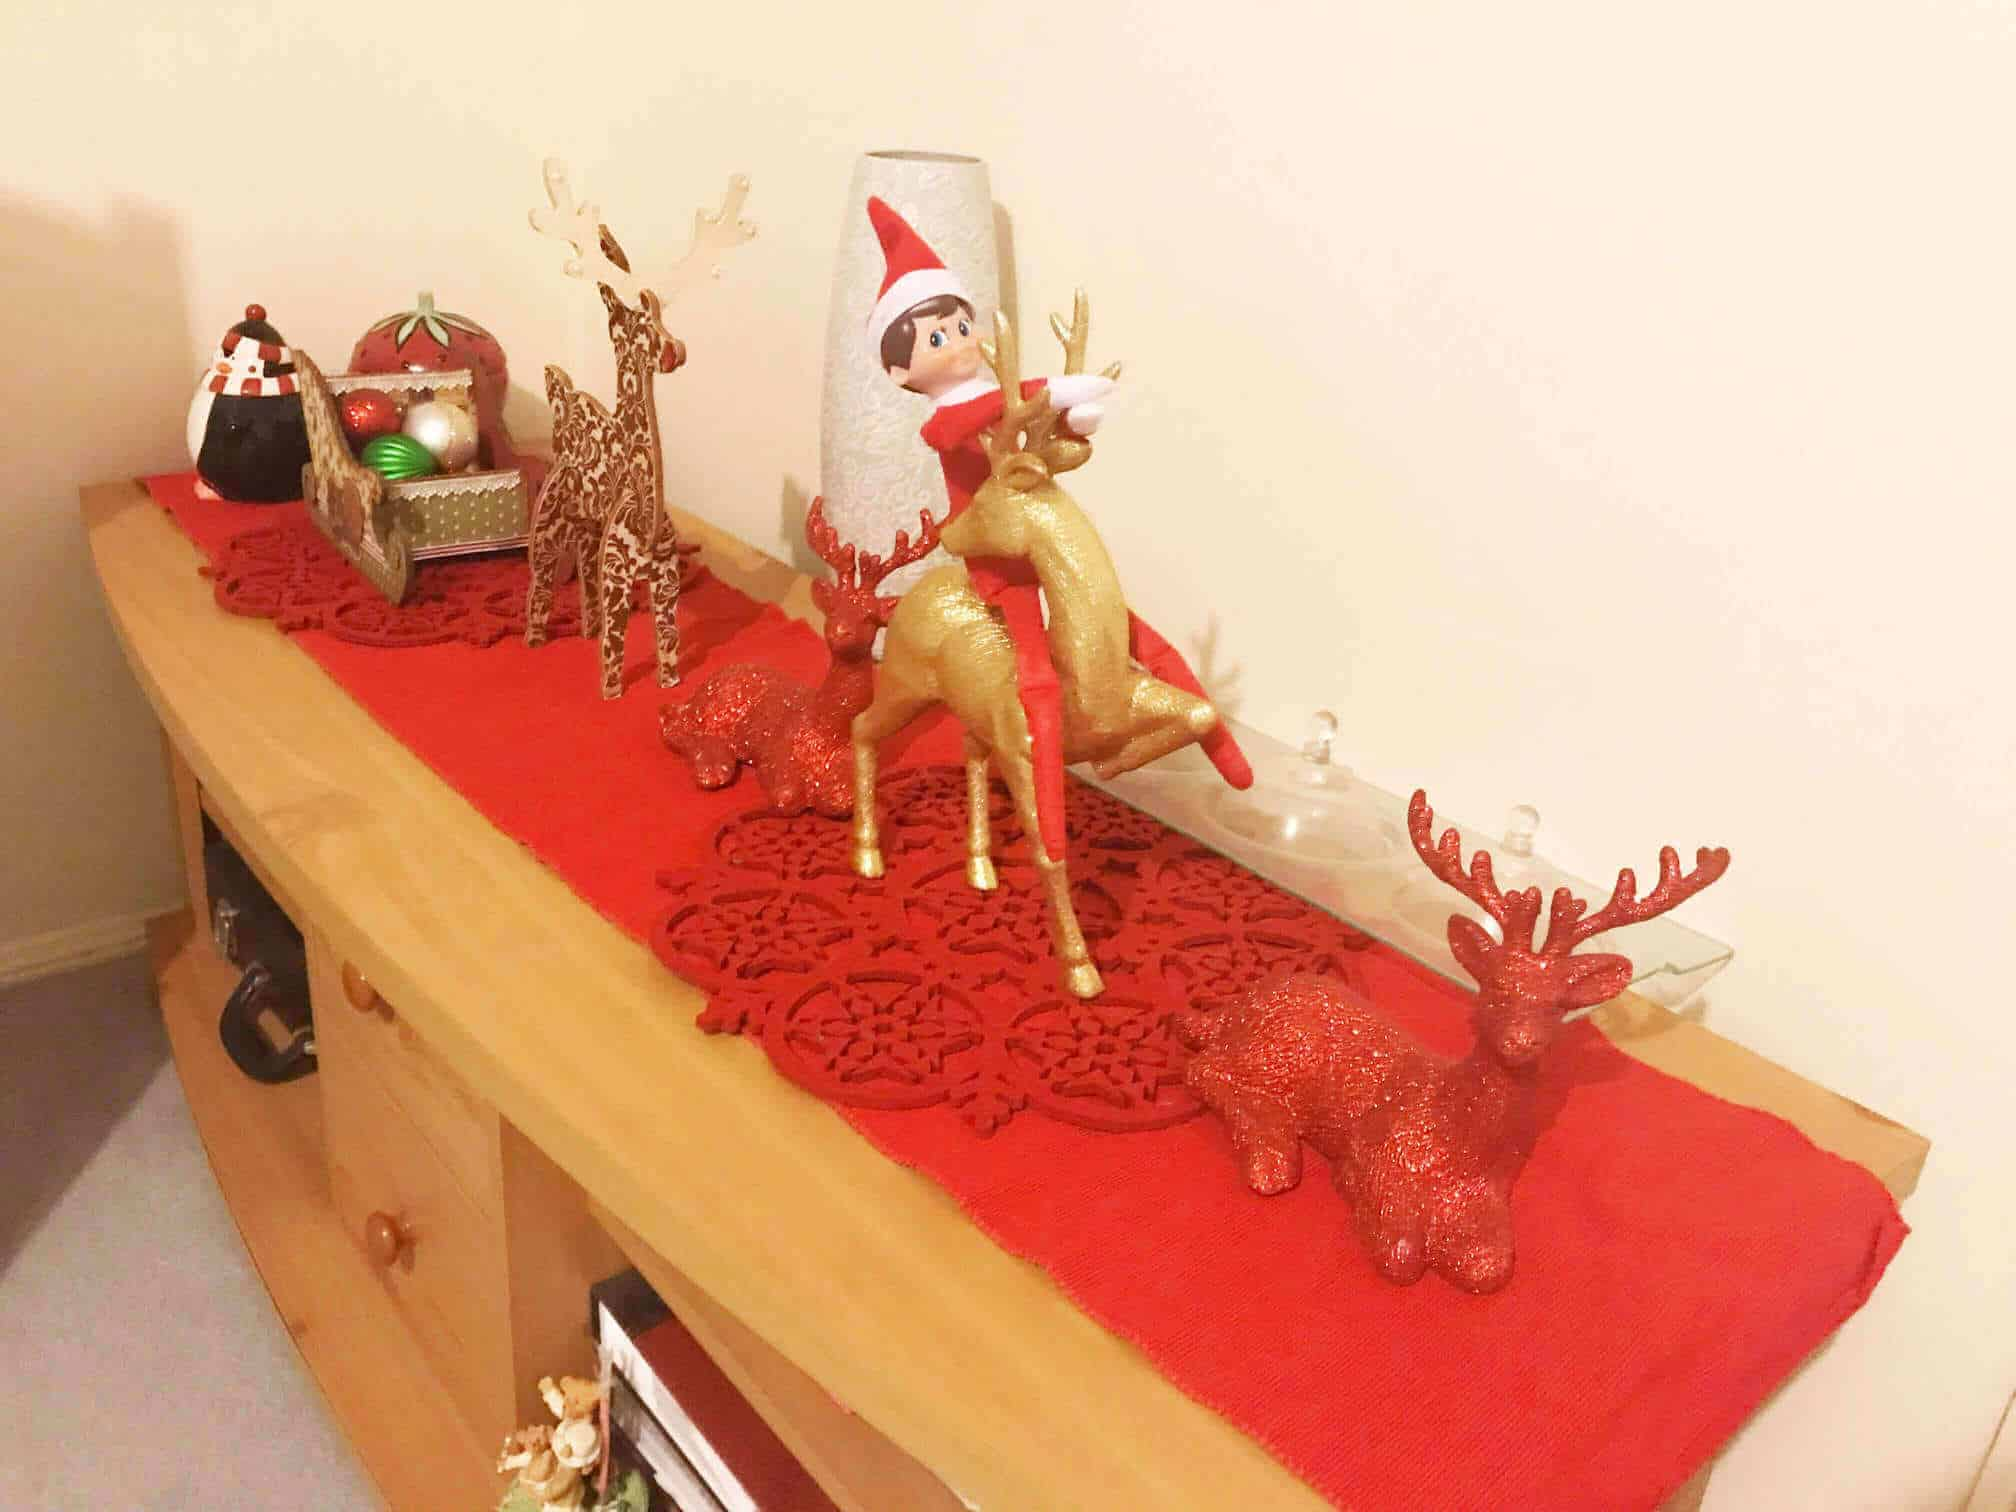 Riding reindeer